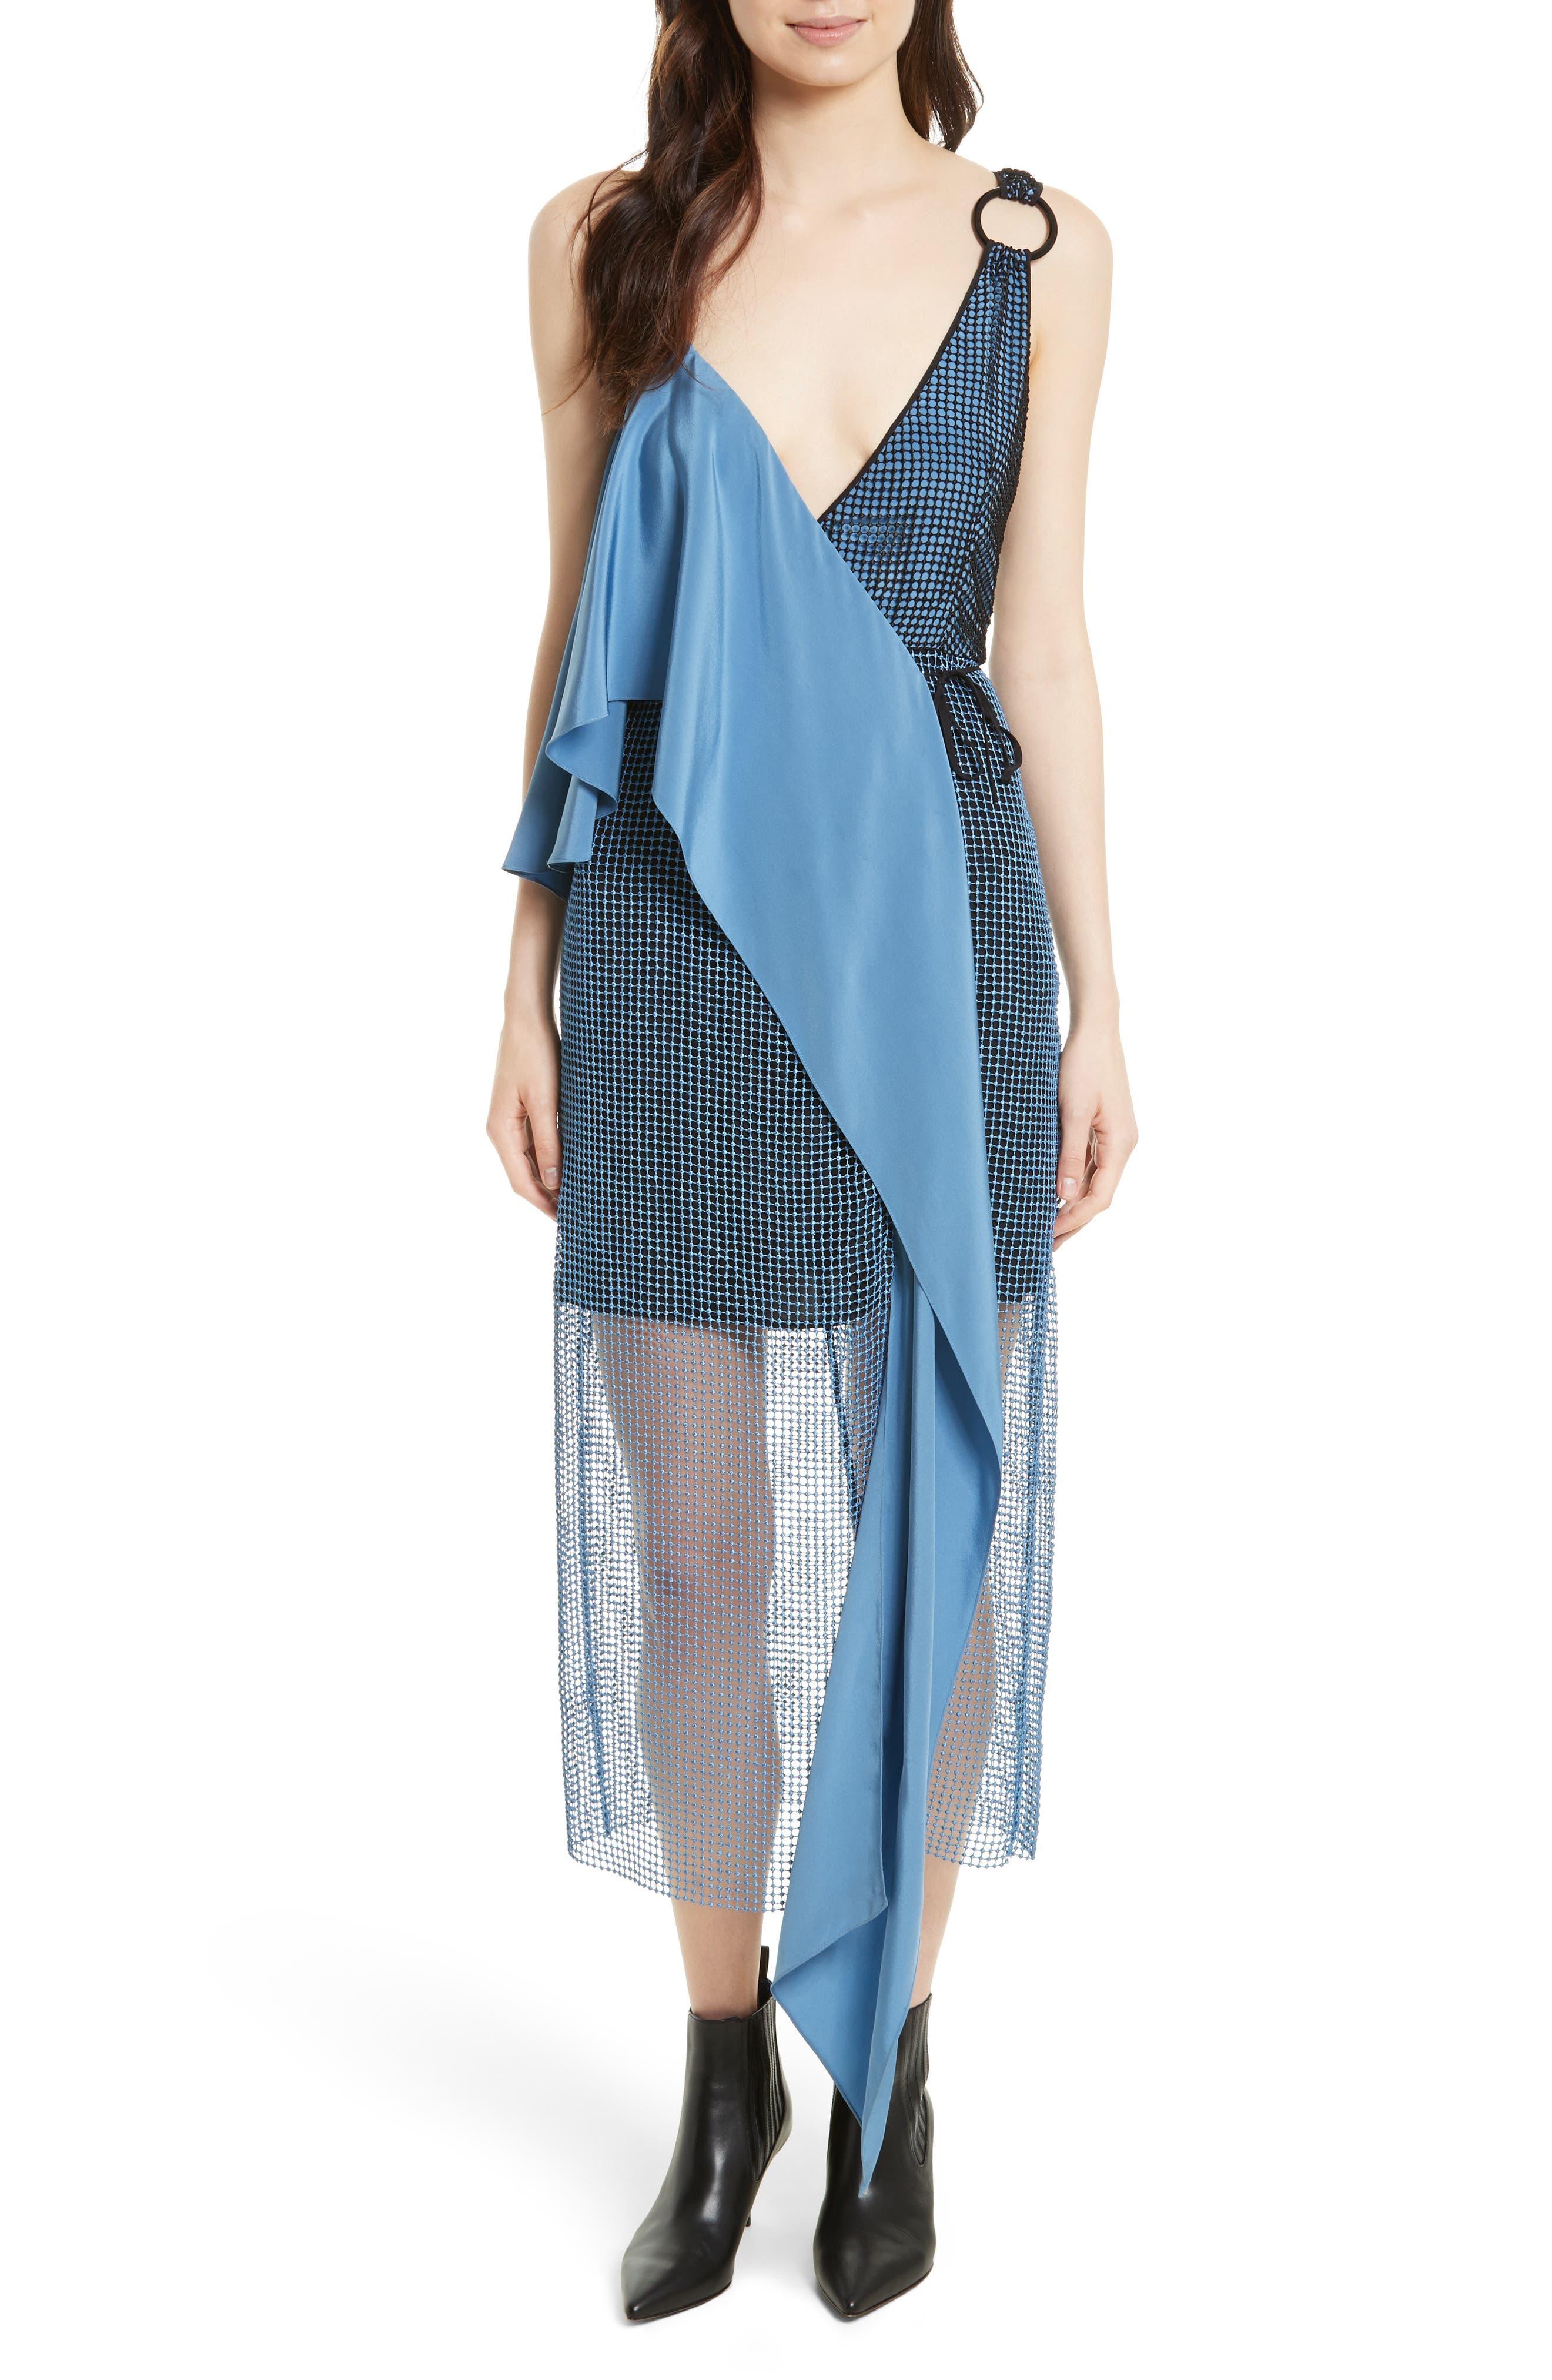 DIANE VON FURSTENBERG Asymmetrical Sash Dress